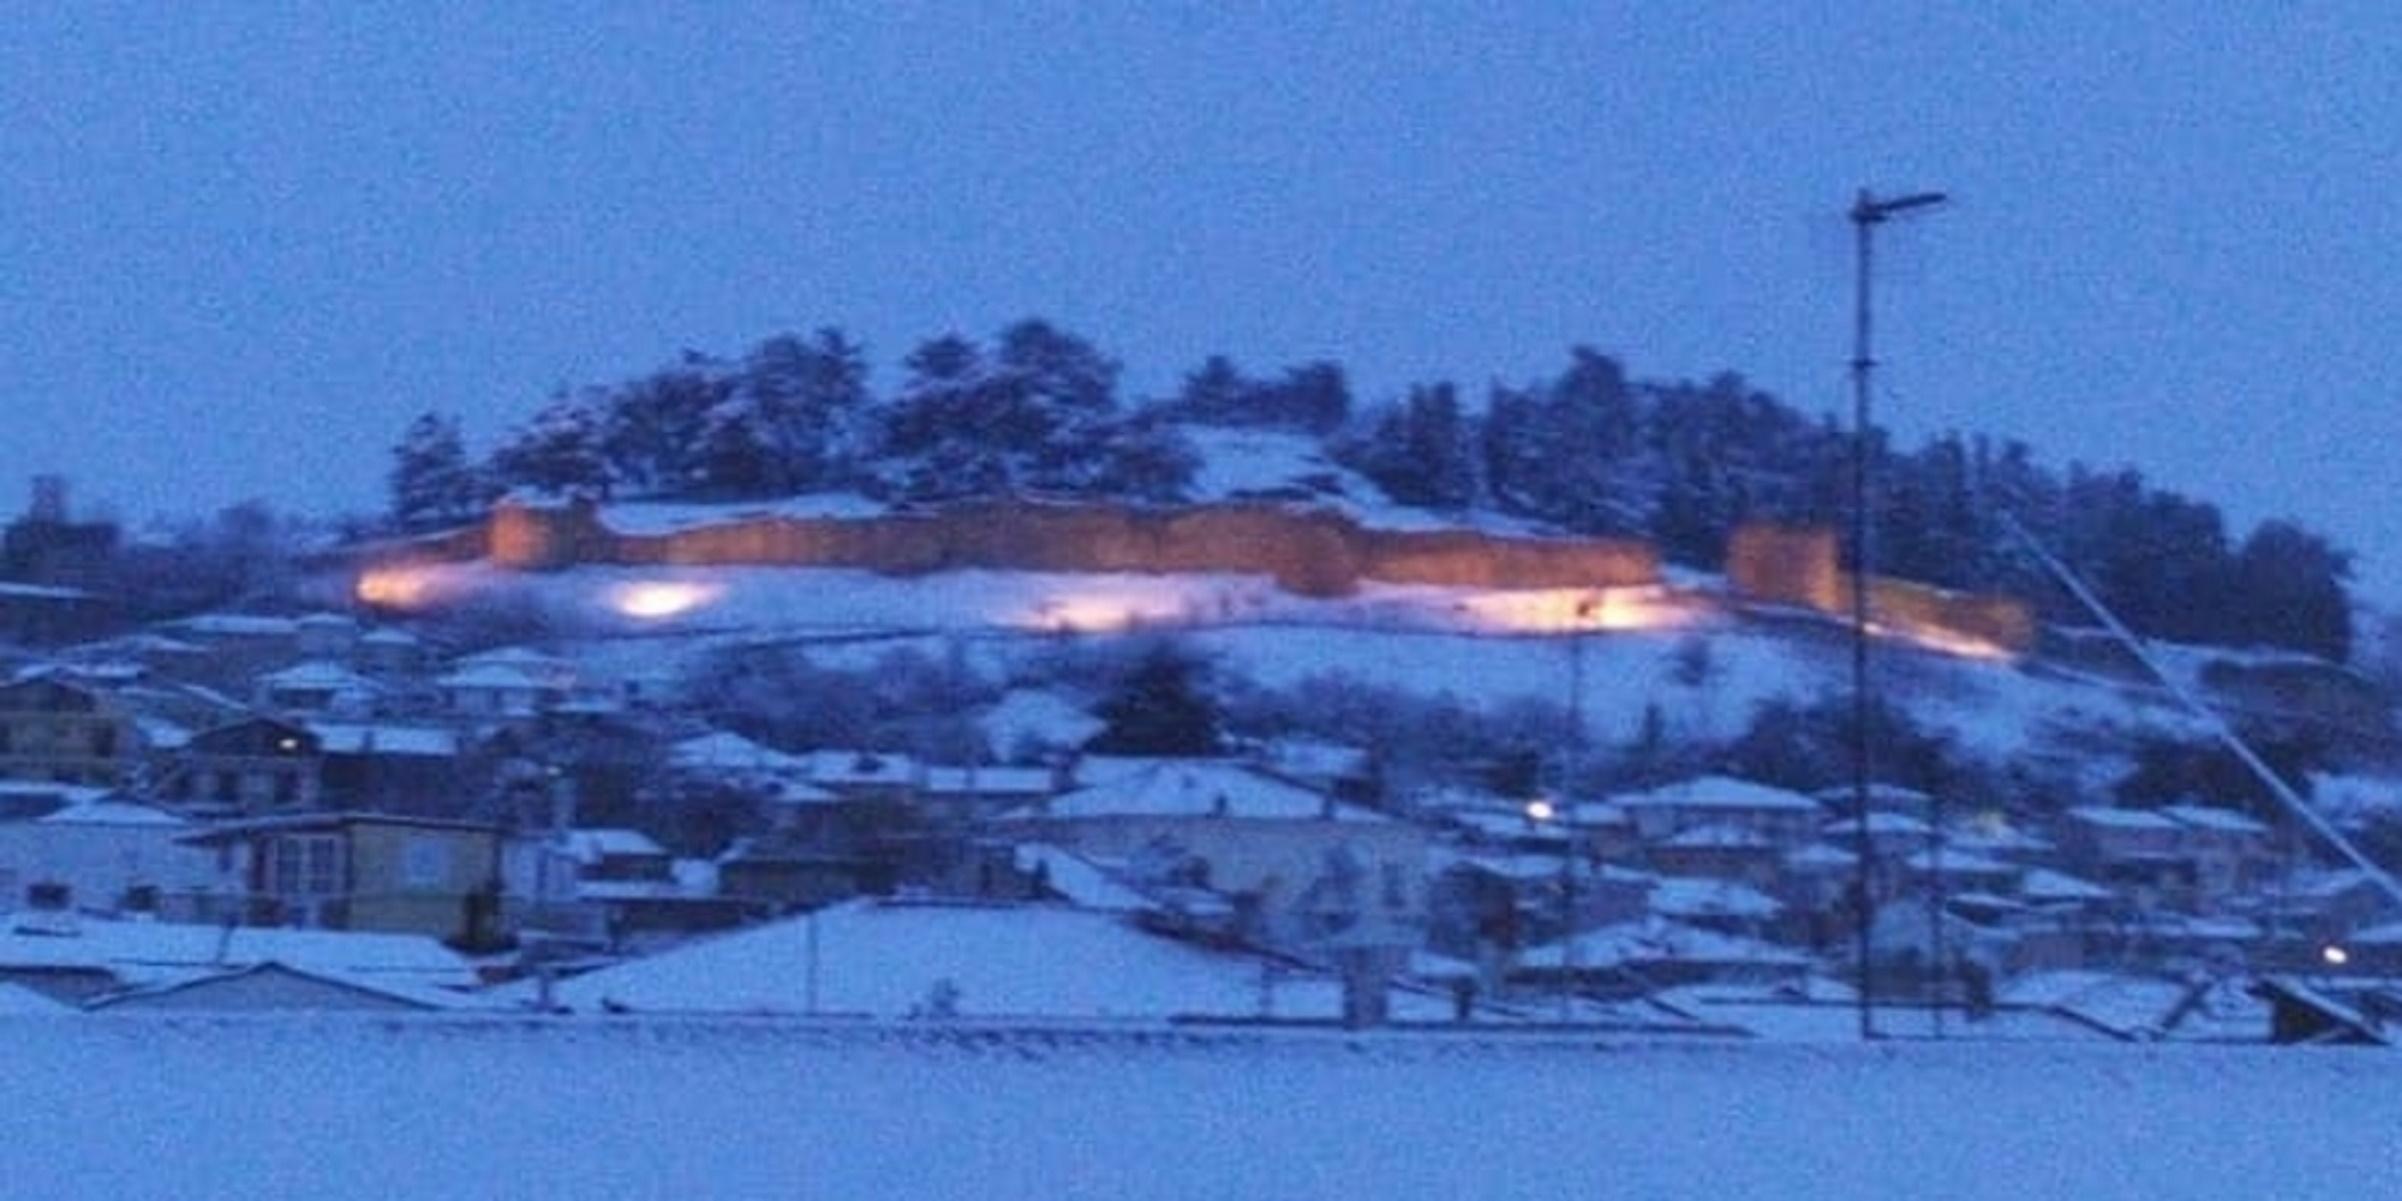 Καιρός – Έβρος: 8 χωριά χωρίς νερό και ηλεκτρικό λόγω της κακοκαιρίας (pics)